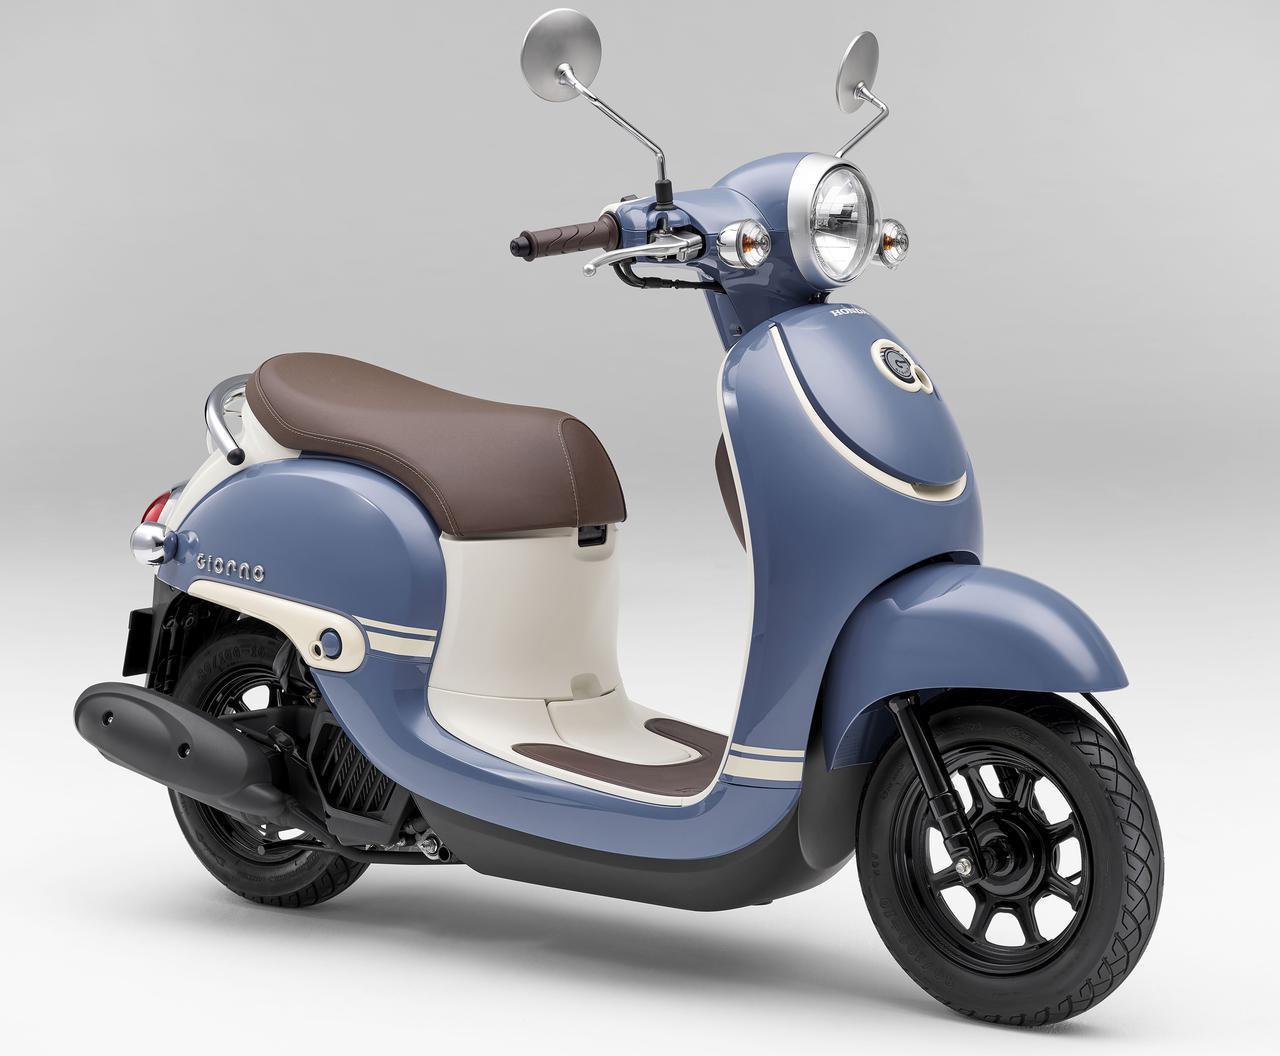 画像: Honda GIORNO/GIORNO DELUXE 税込価格:19万8000円/20万3500円